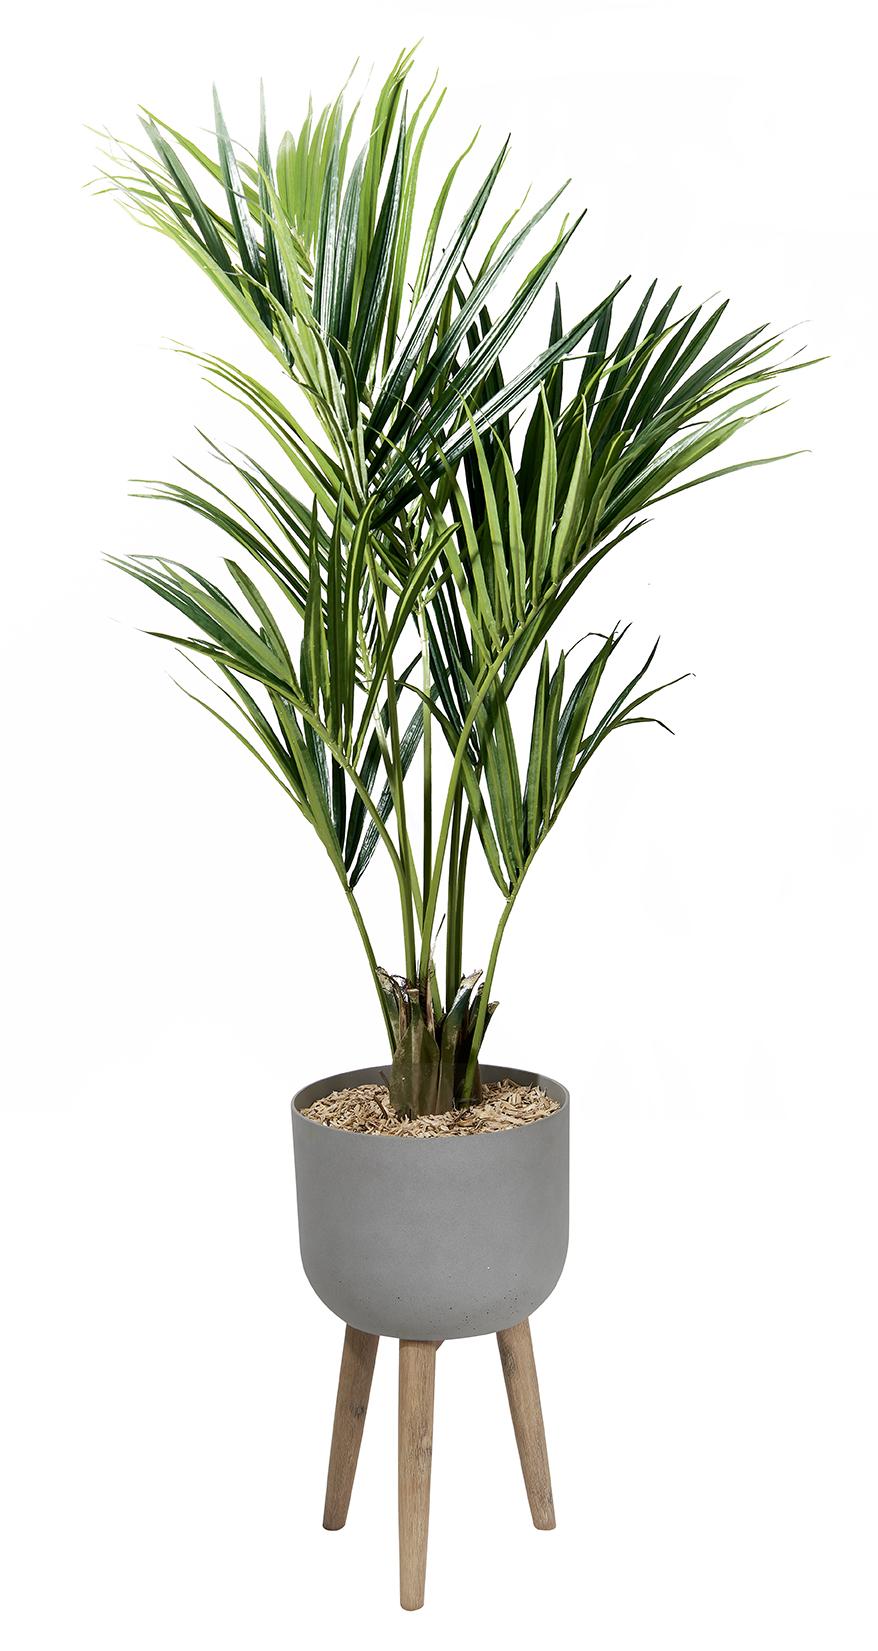 Palmier artificiel avec un bac design pieds bois